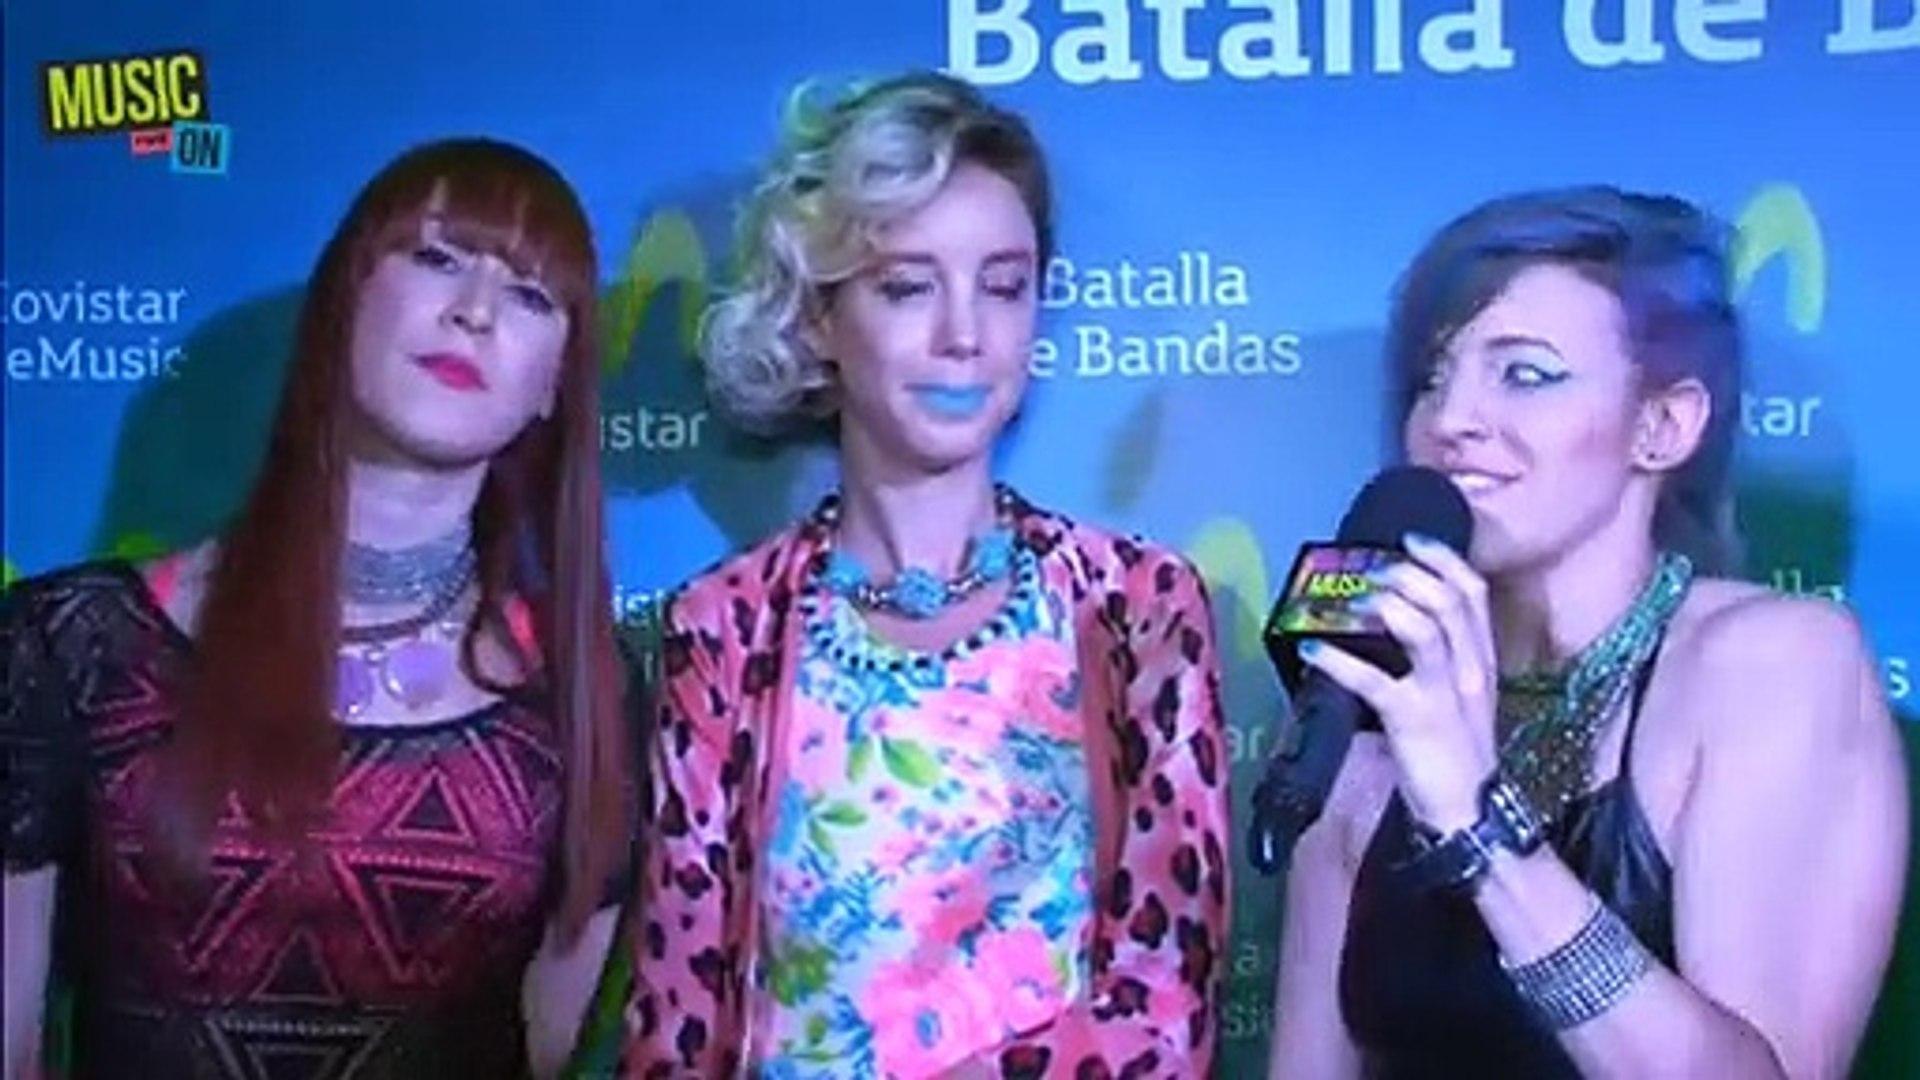 Conocé a la banda ganadora de la Batalla de bandas Movistar 2015